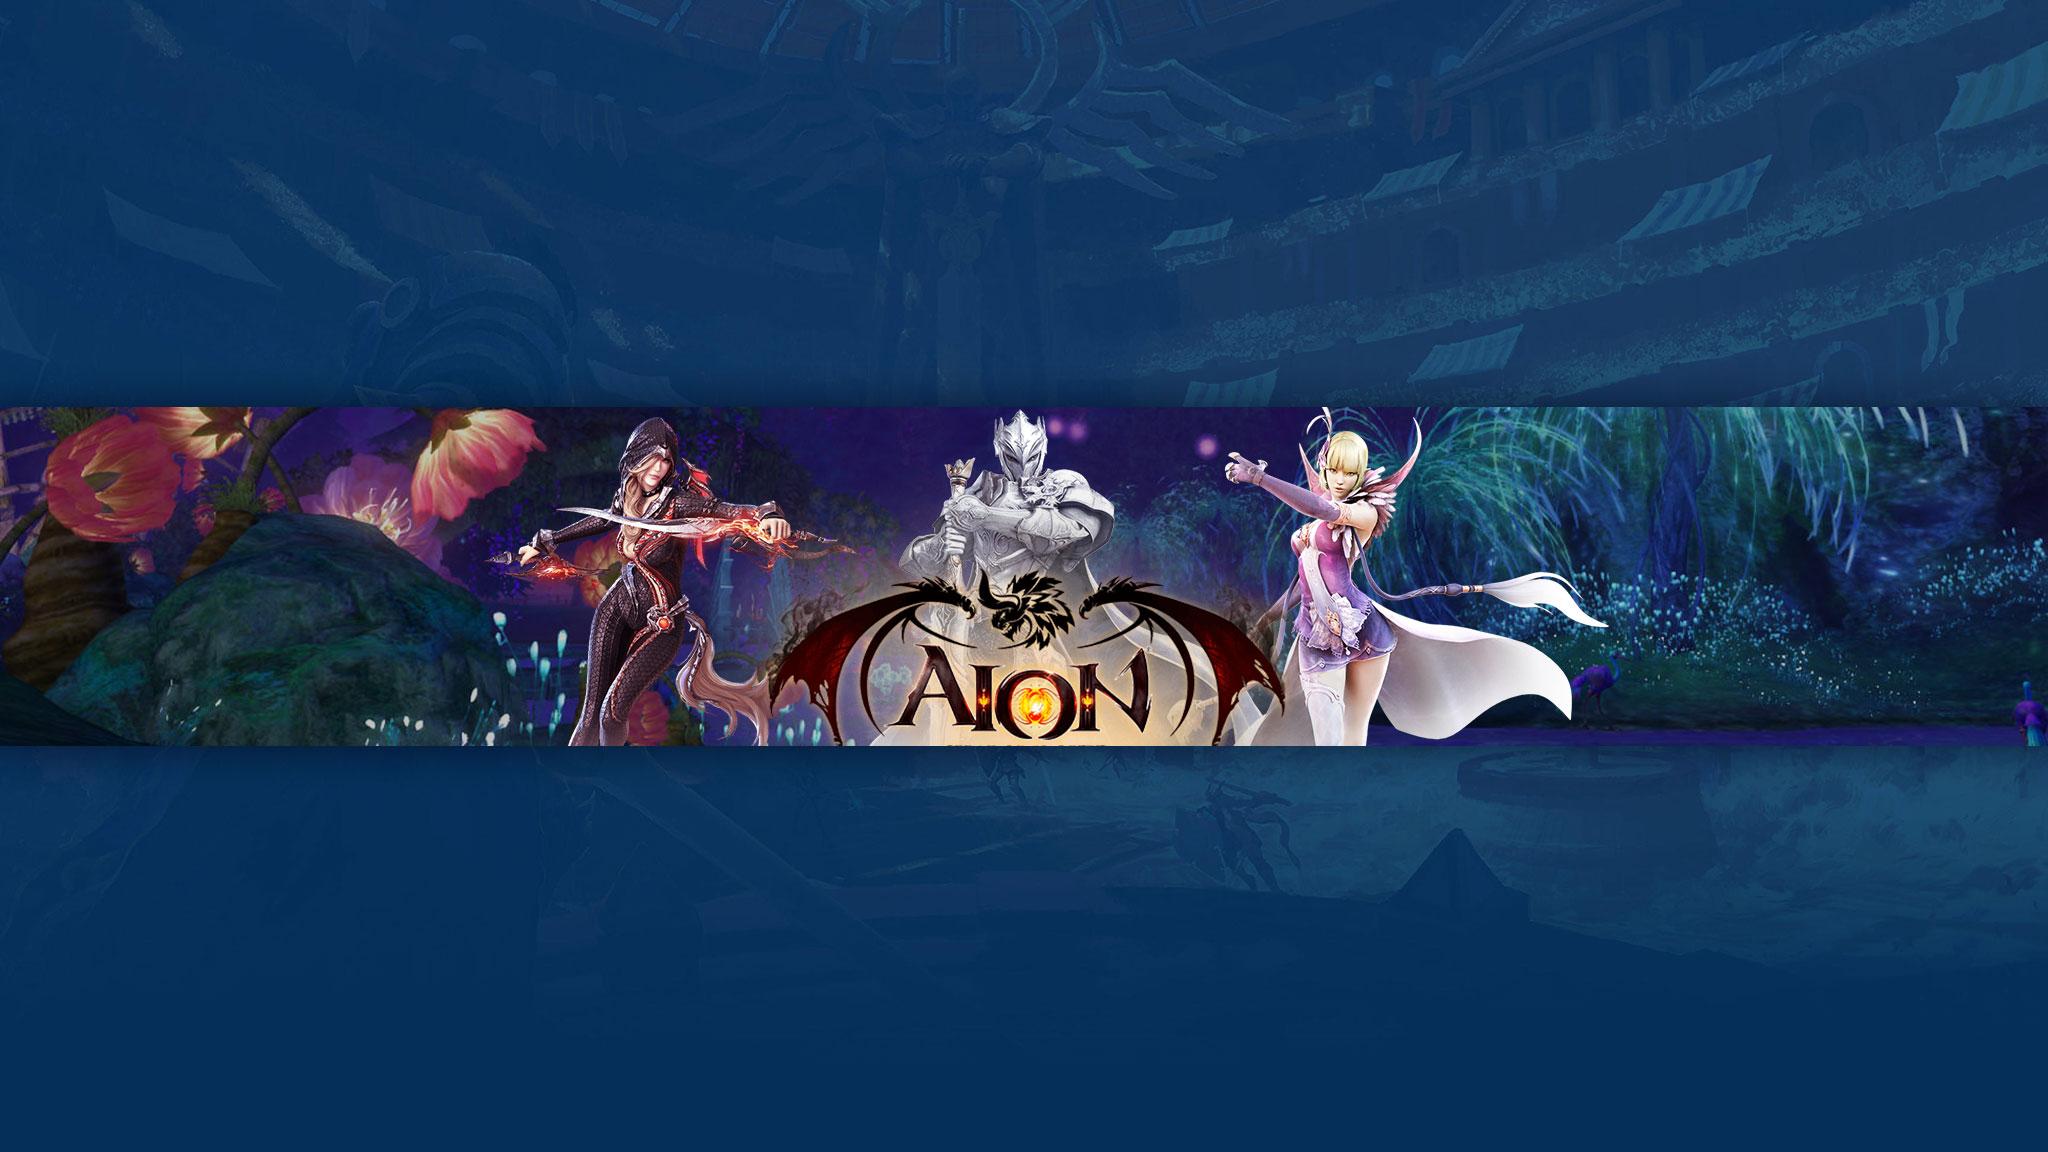 Синяя обложка для ютуб канала с персонажами игры Aion на фоне сказочного пейзажа.